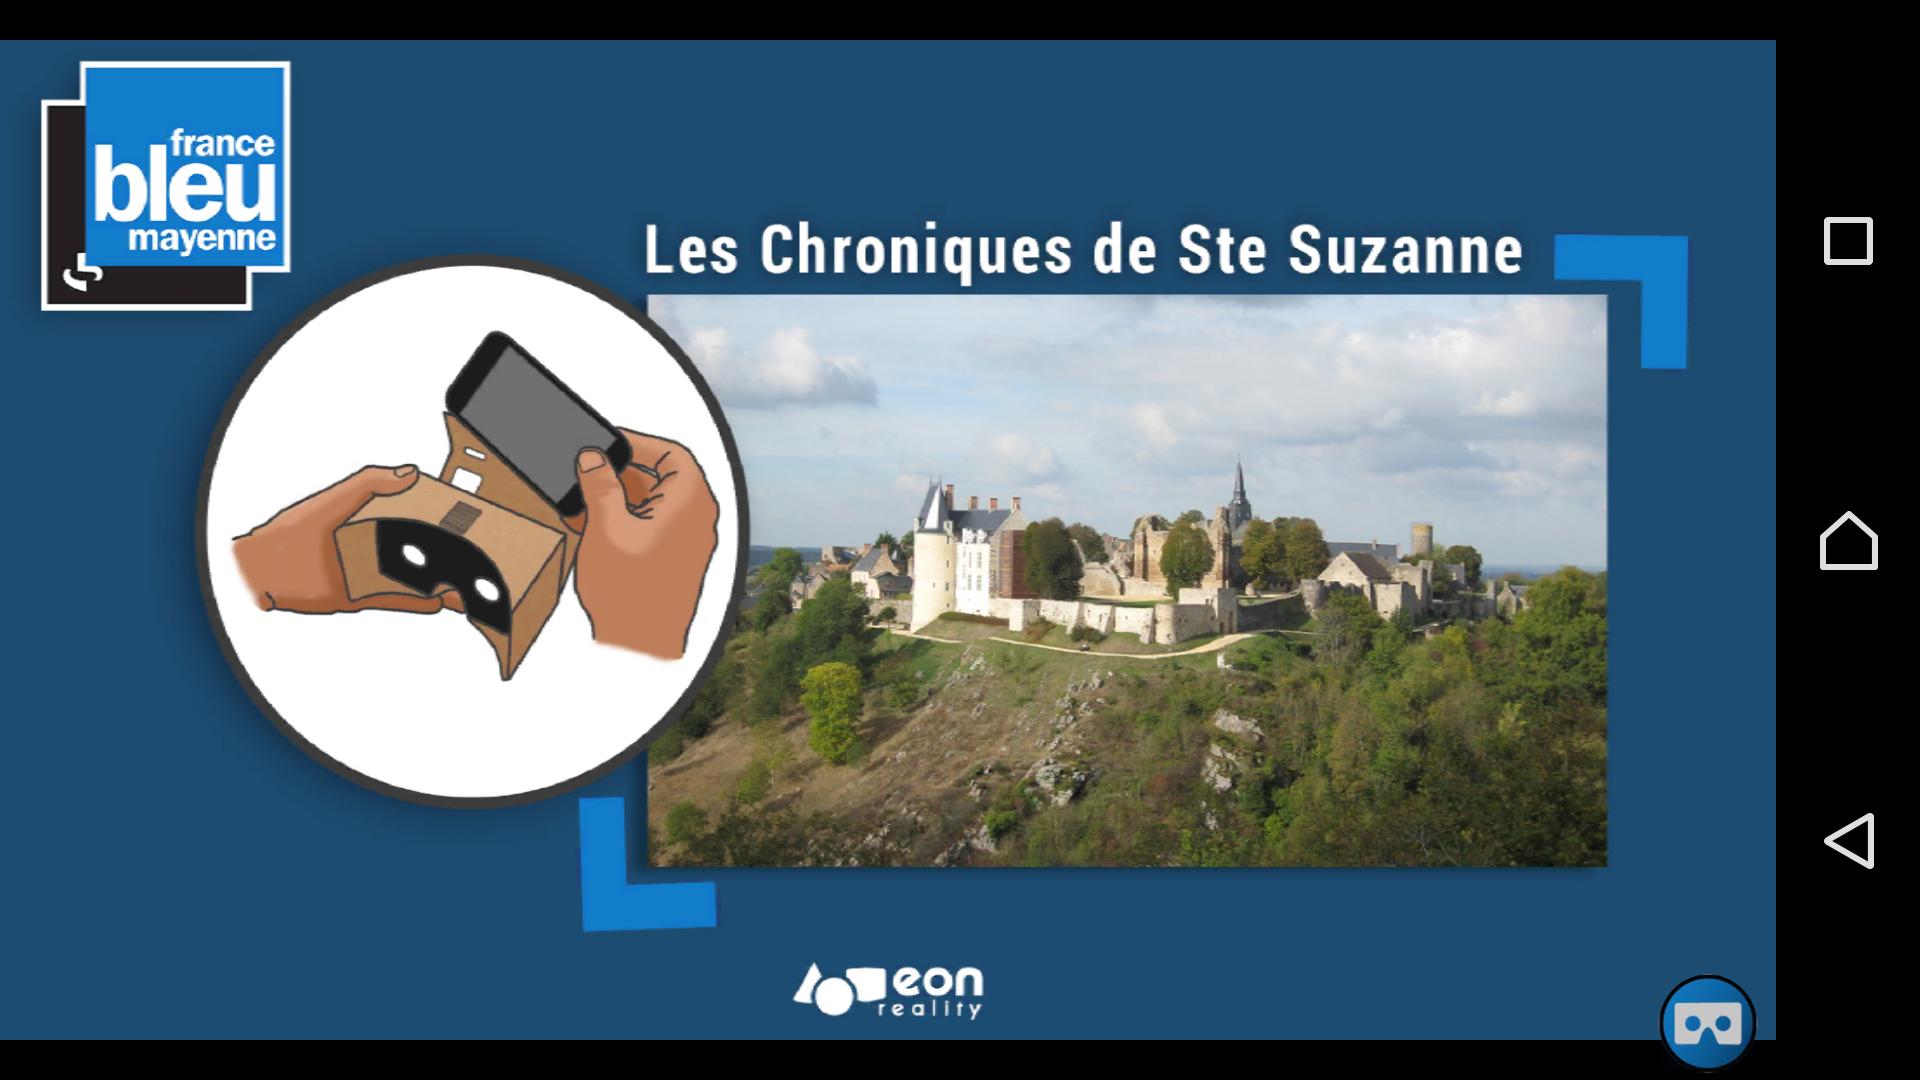 Prototype de l'application Chronique de Sainte-Suzanne de France Bleu